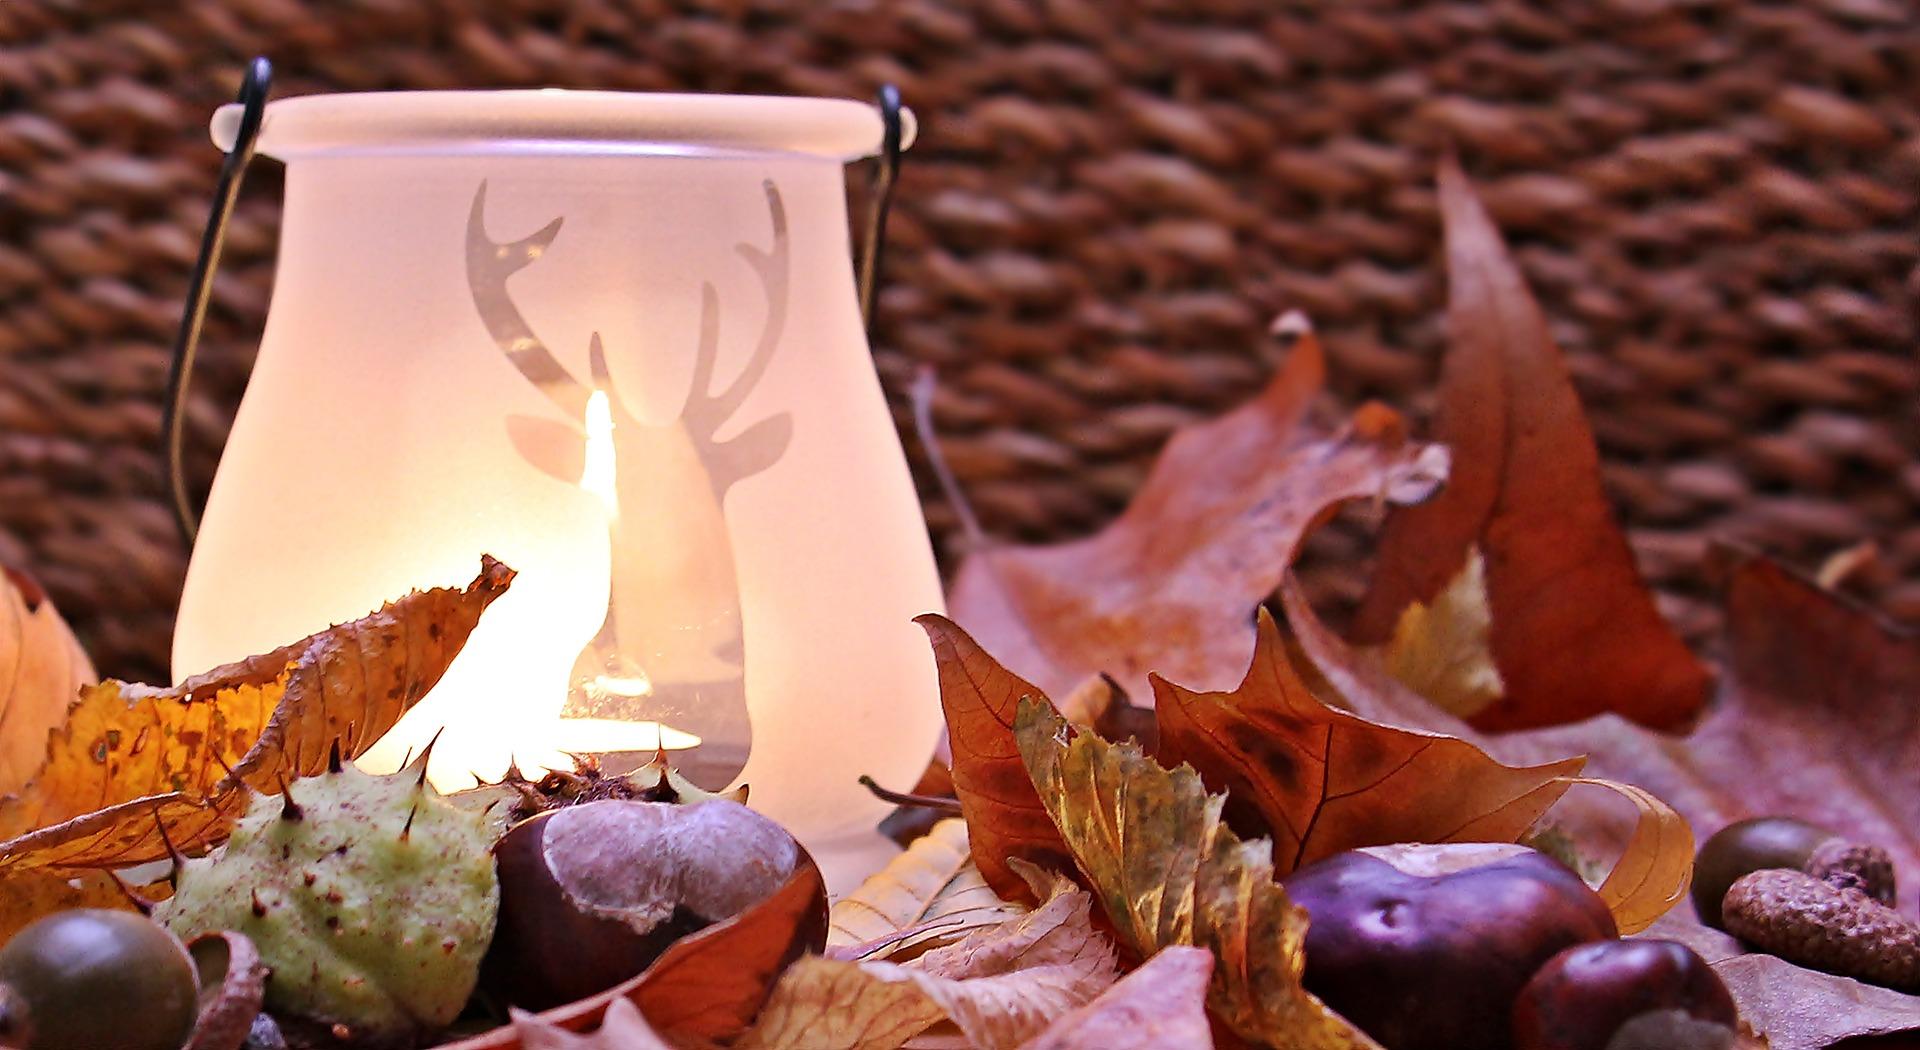 autumn-mood-1716257_1920